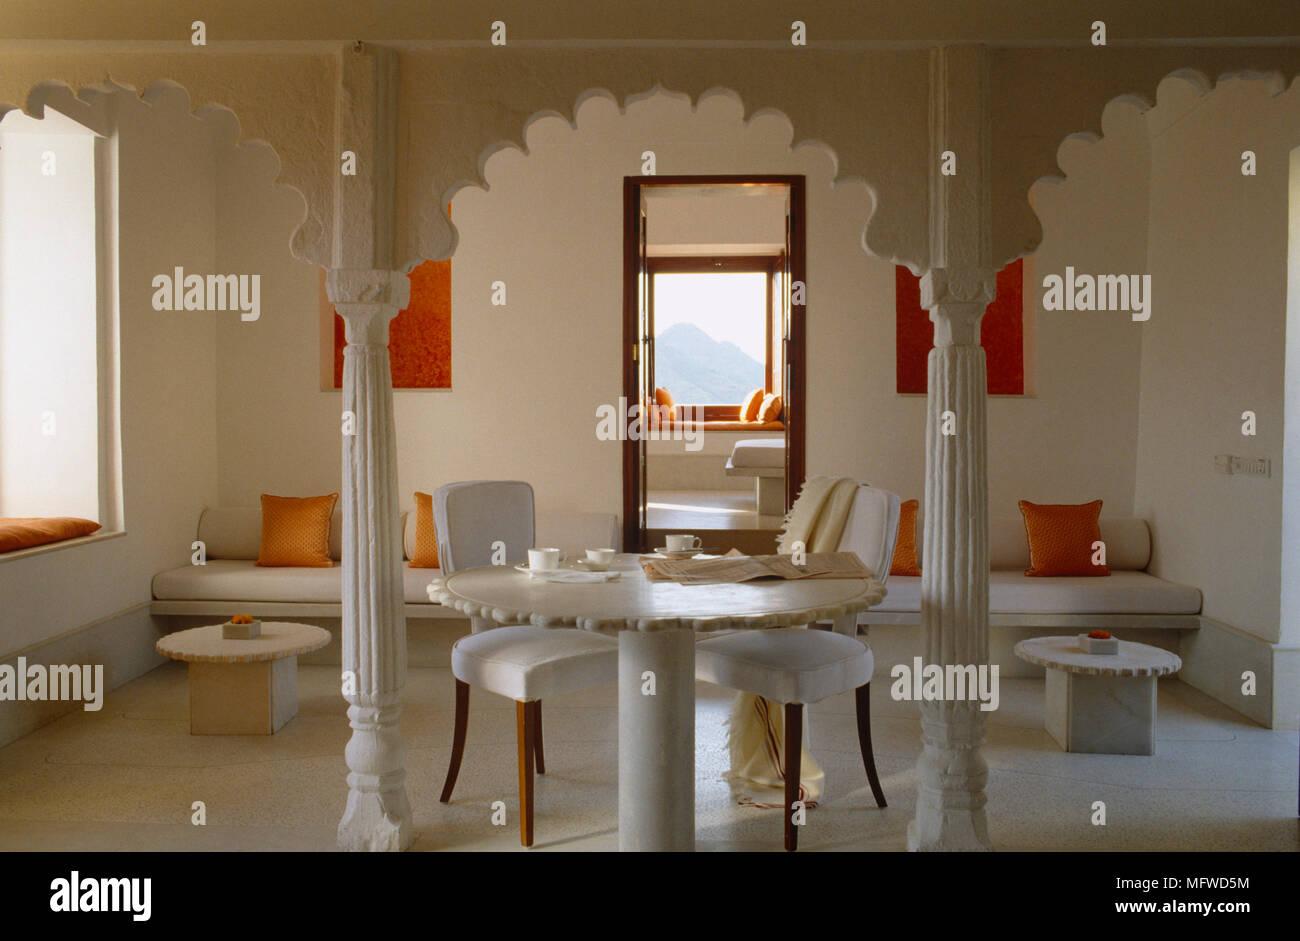 Tavoli Da Pranzo In Stile.Coppia Di Sedie Imbottite Al Tavolo Da Pranzo In Stile Etnico Sala